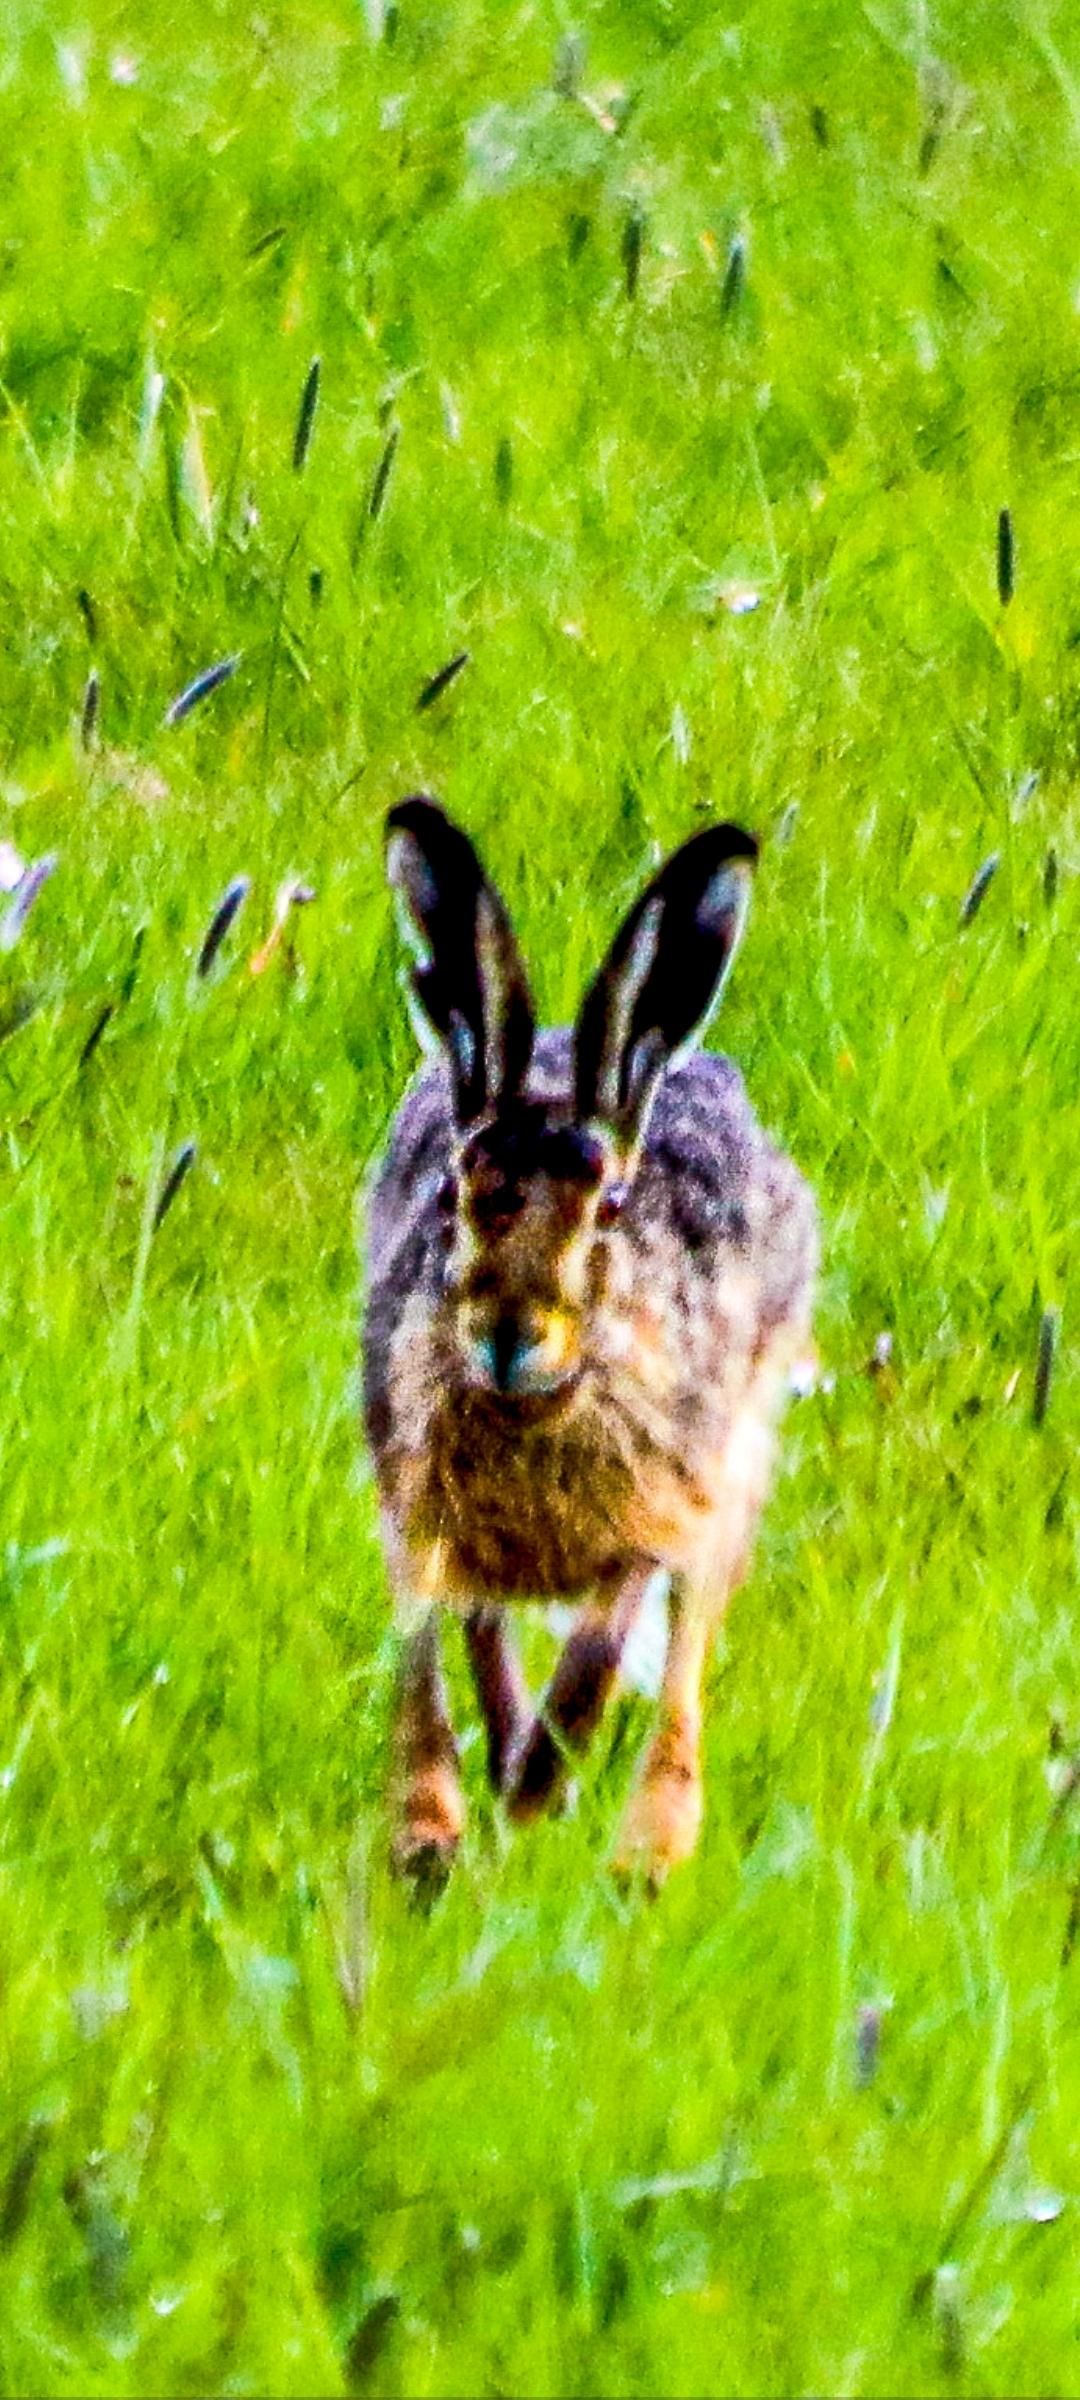 Hazenpad - Het hazenpad kiezen.. - foto door Erikvdzwan op 14-04-2021 - locatie: 8191 Wapenveld, Nederland - deze foto bevat: konijn, houten konijn, fabriek, haas, gras, bodembedekker, terrestrische dieren, grasland, bakkebaarden, konijnen en hazen